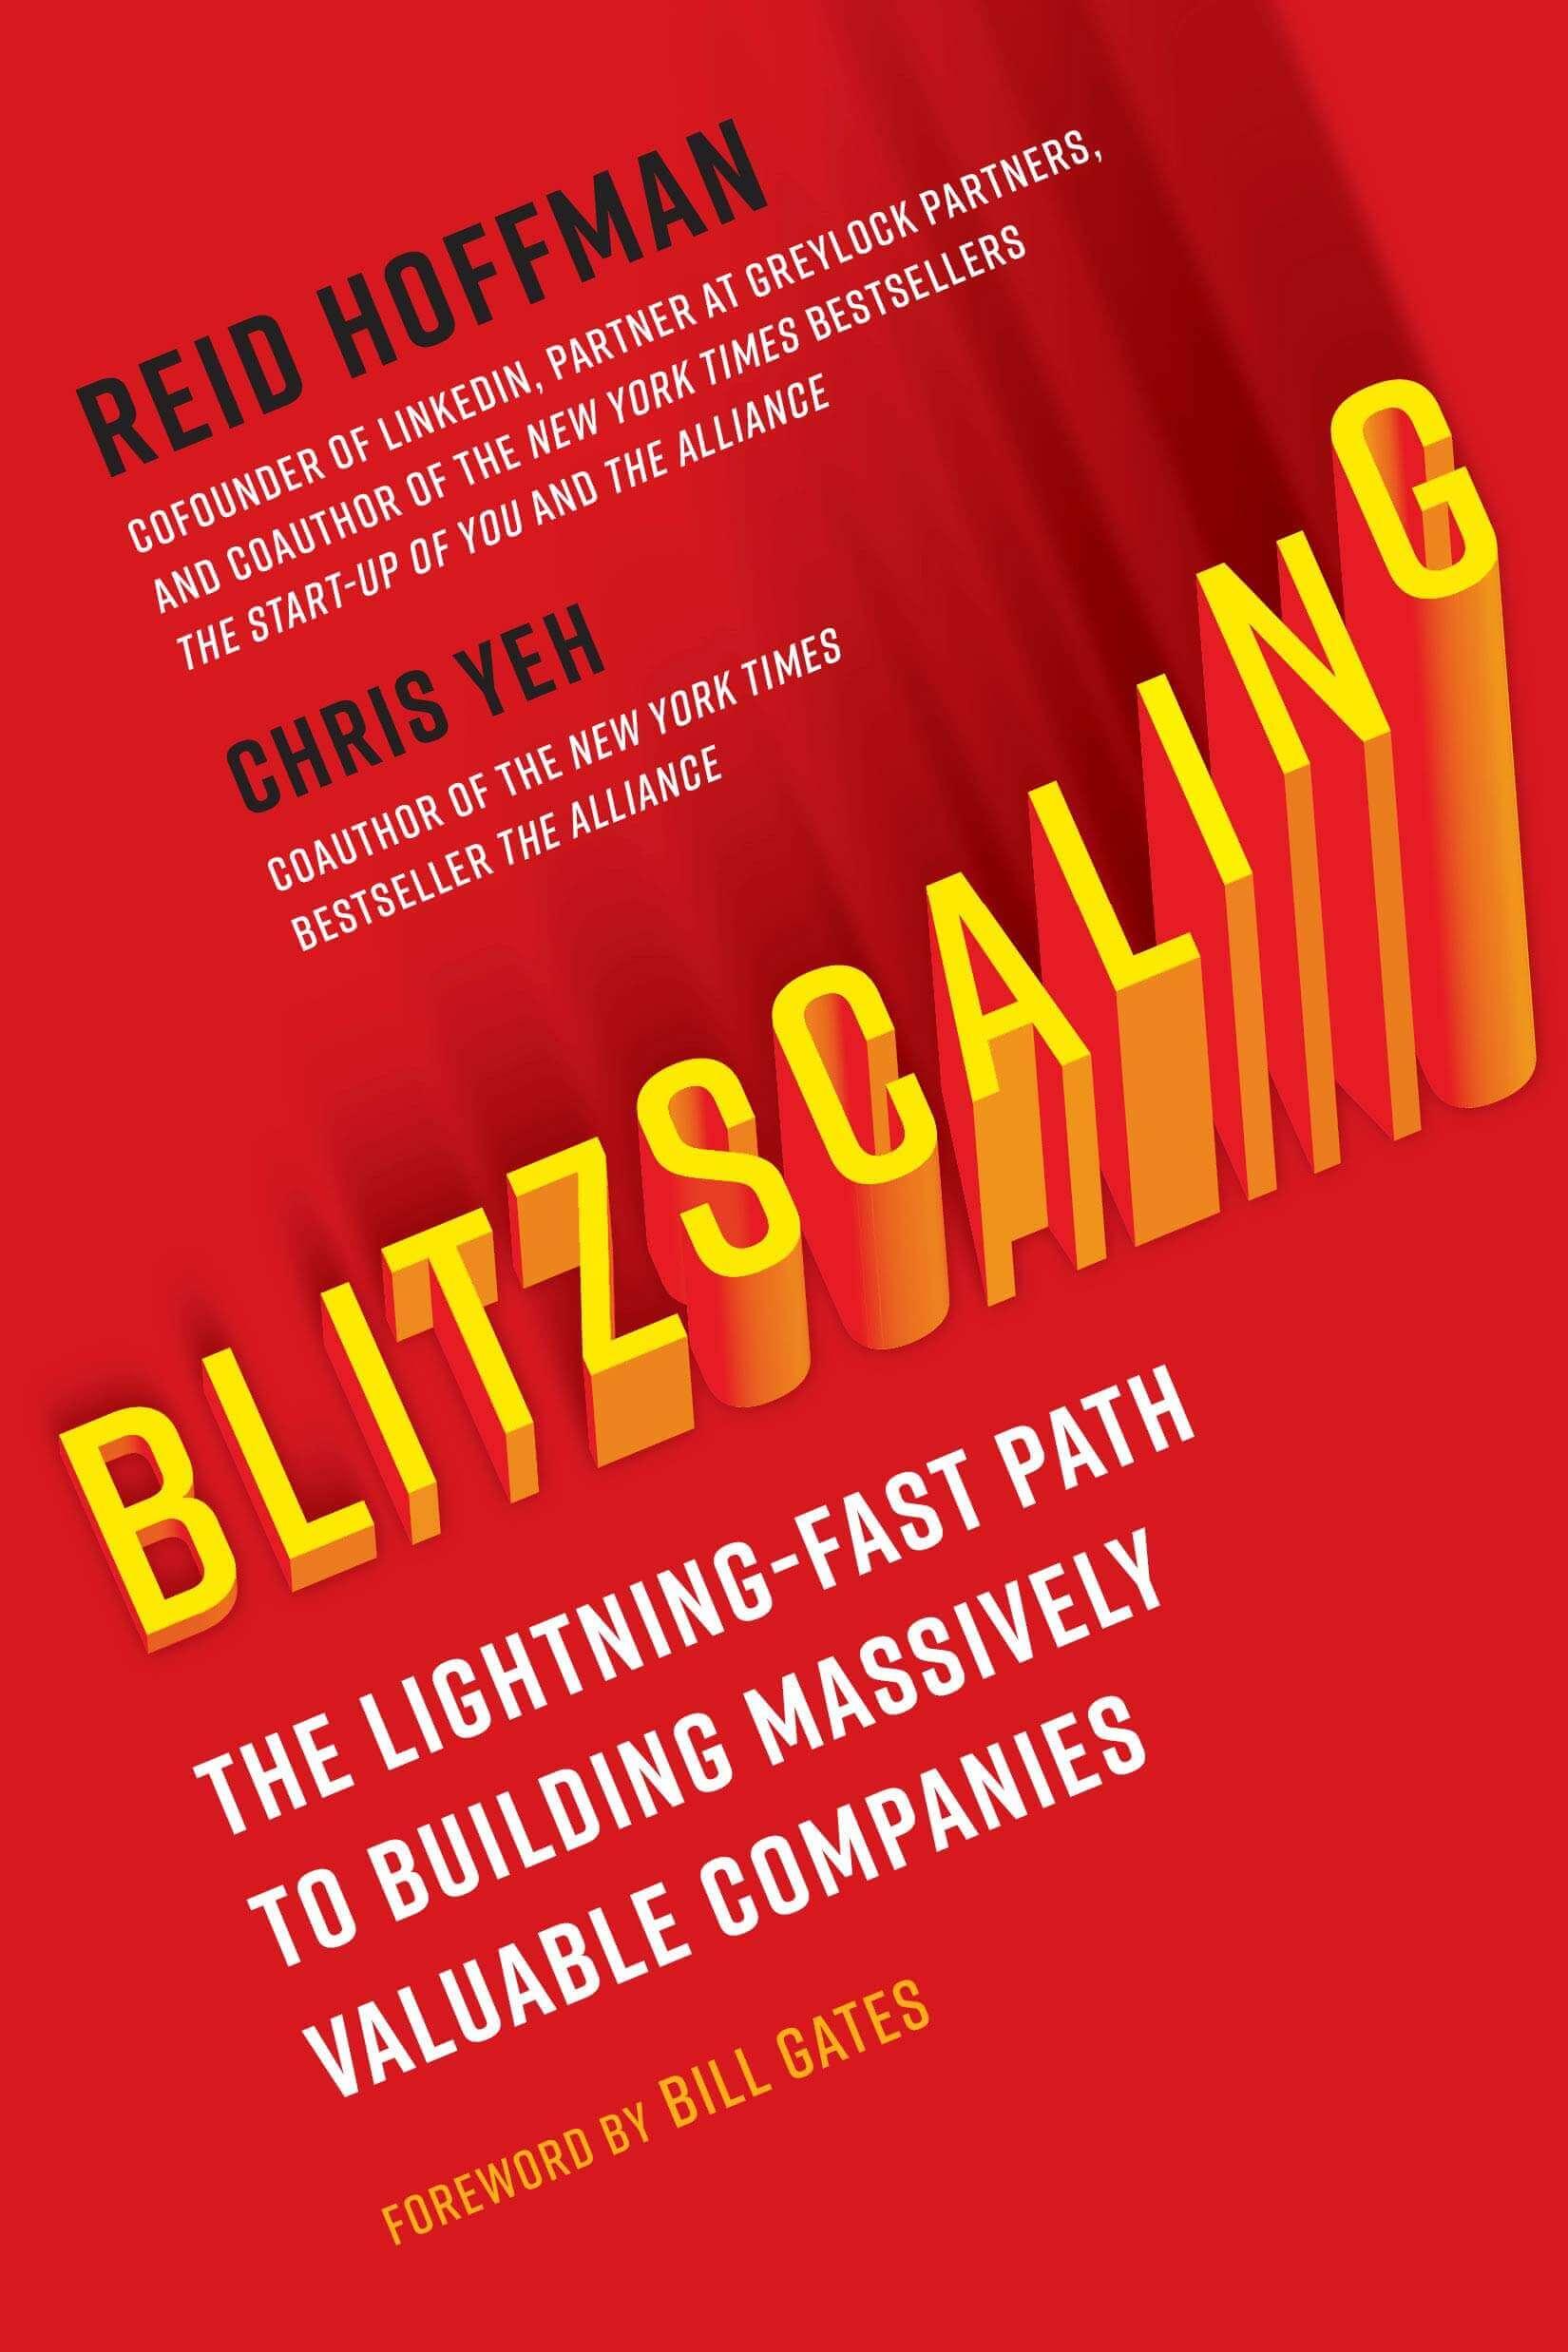 blitzscaling - libros para emprendedores